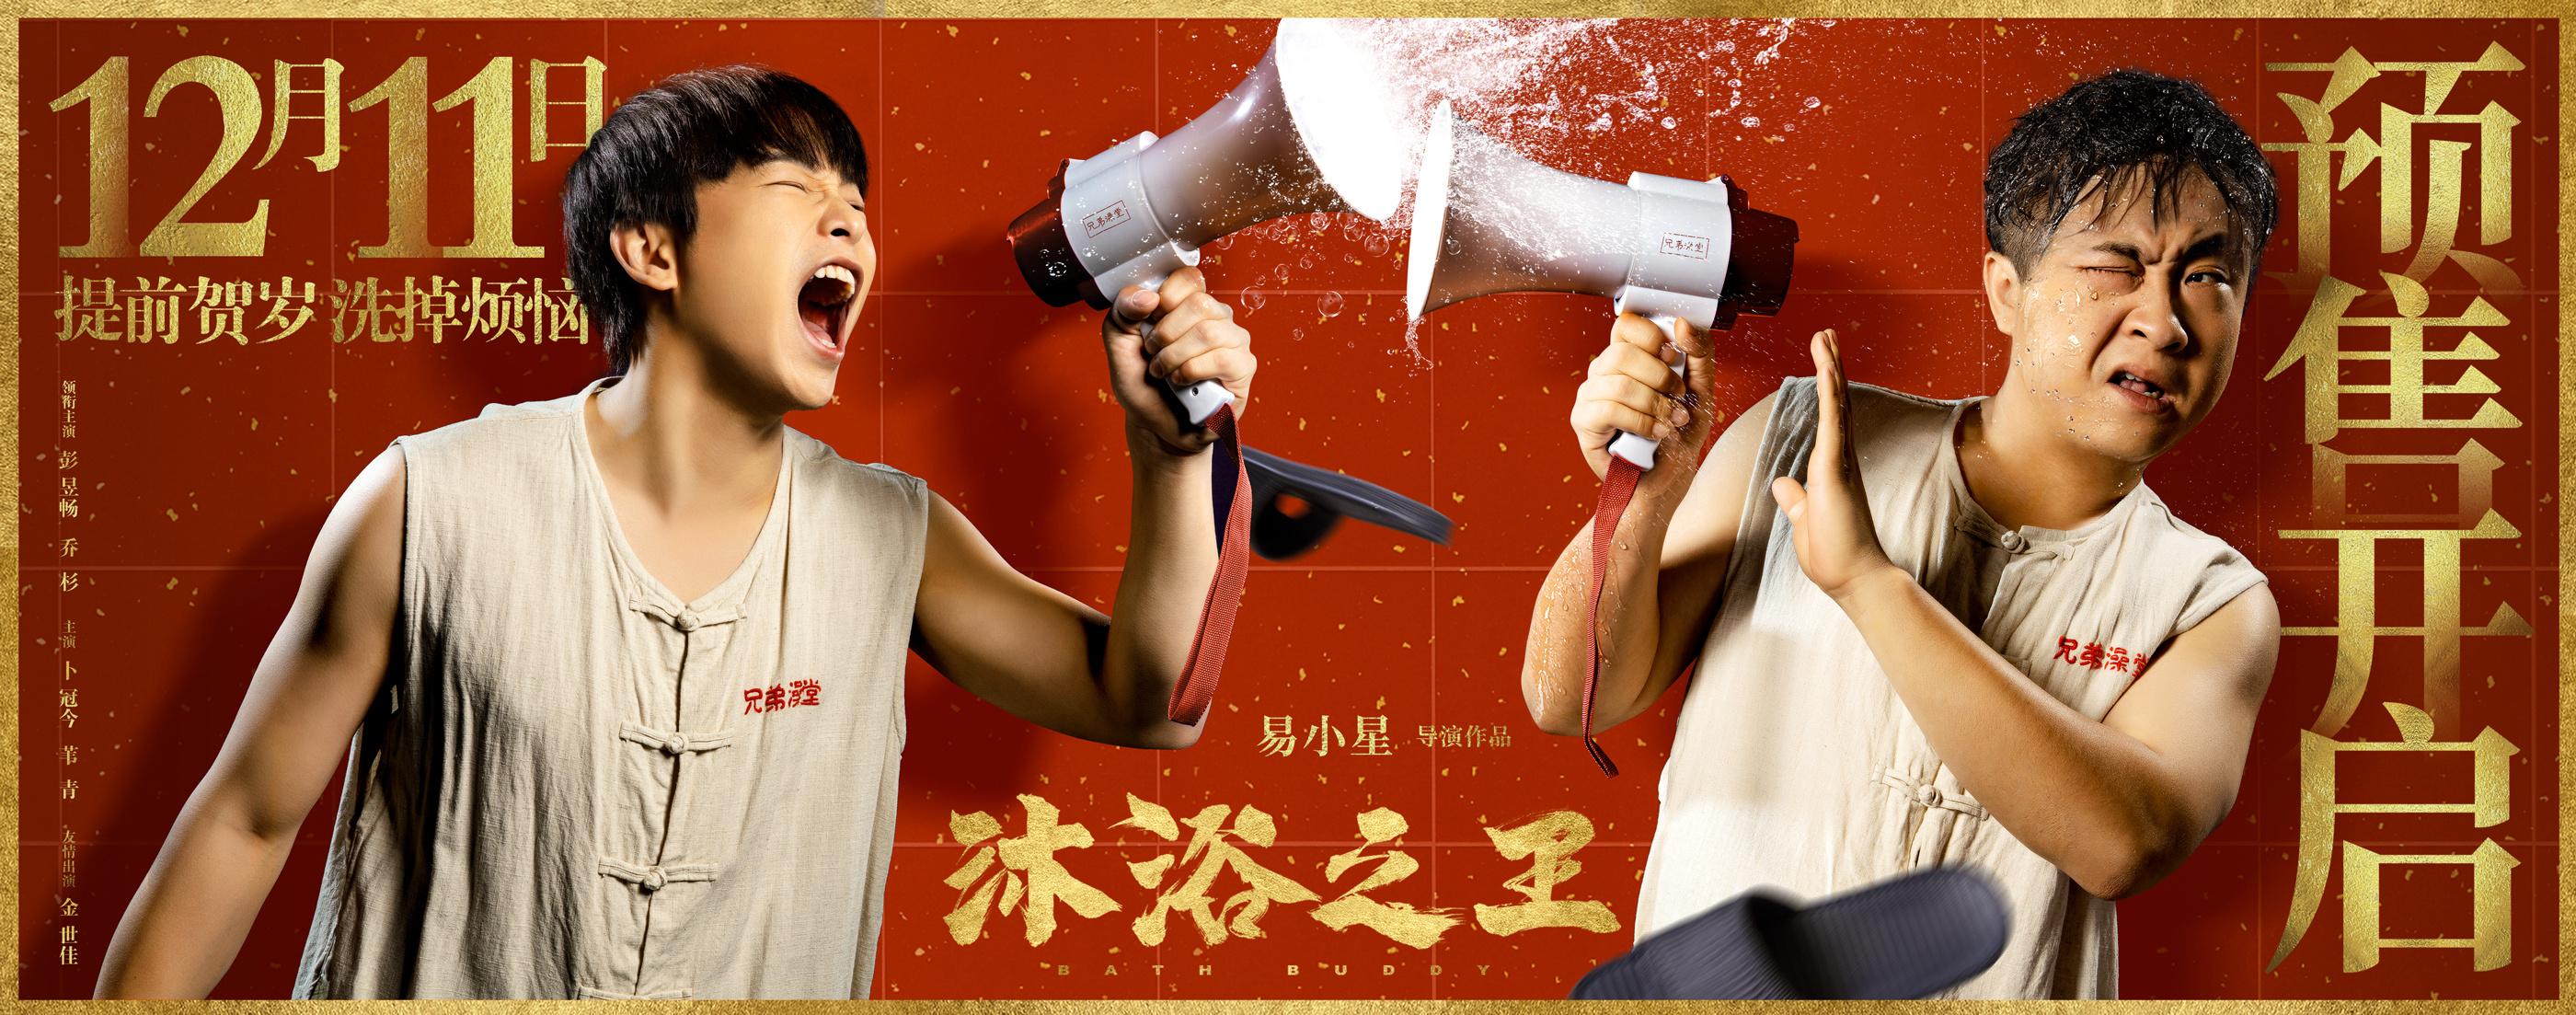 《沐浴之王》预售开启, 彭昱畅乔杉12.11开业迎接客人